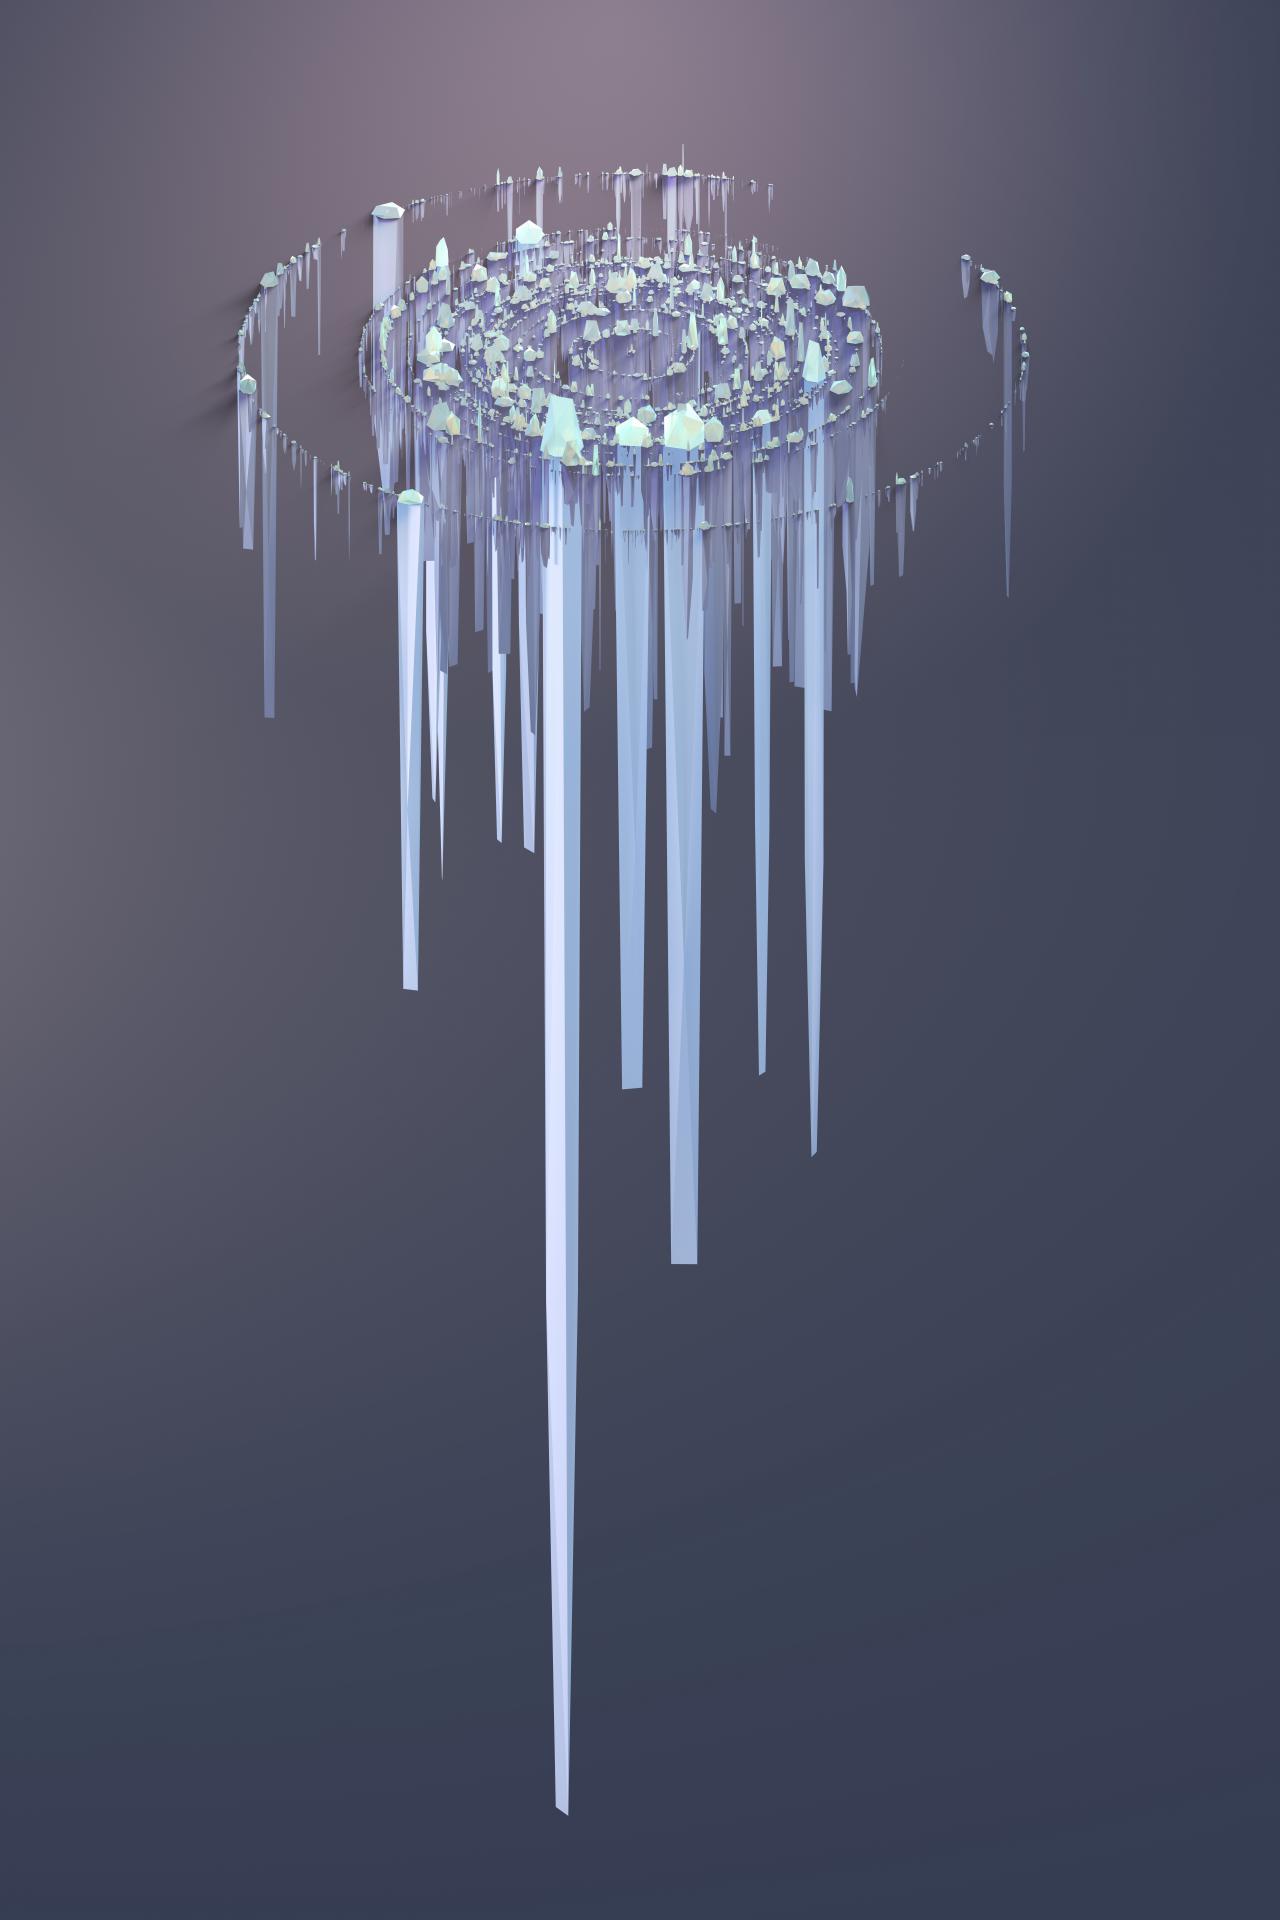 Kreisförmig im leeren Raum schwebende Gebilde, die wie Eiszapfen in unterschiedlichen Längen aussehen